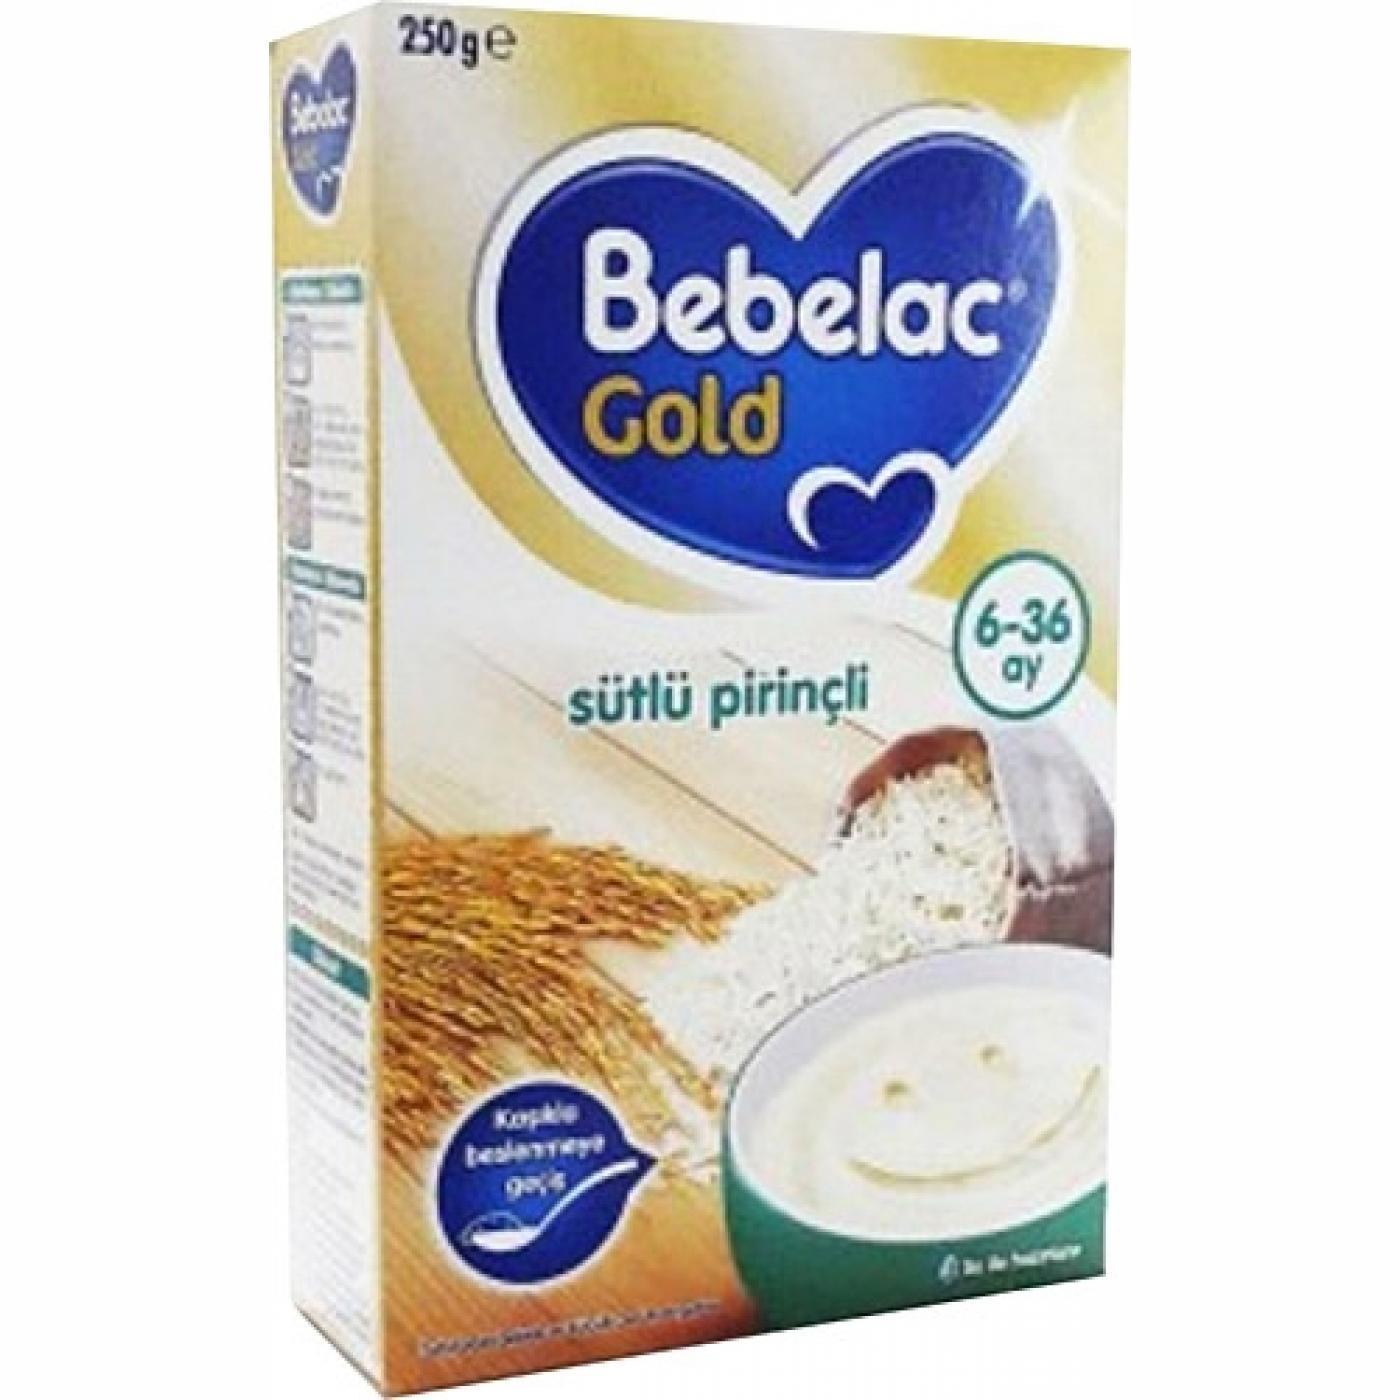 BEBELAC GOLD 250GR SÜTLÜ PİRİNÇLİ